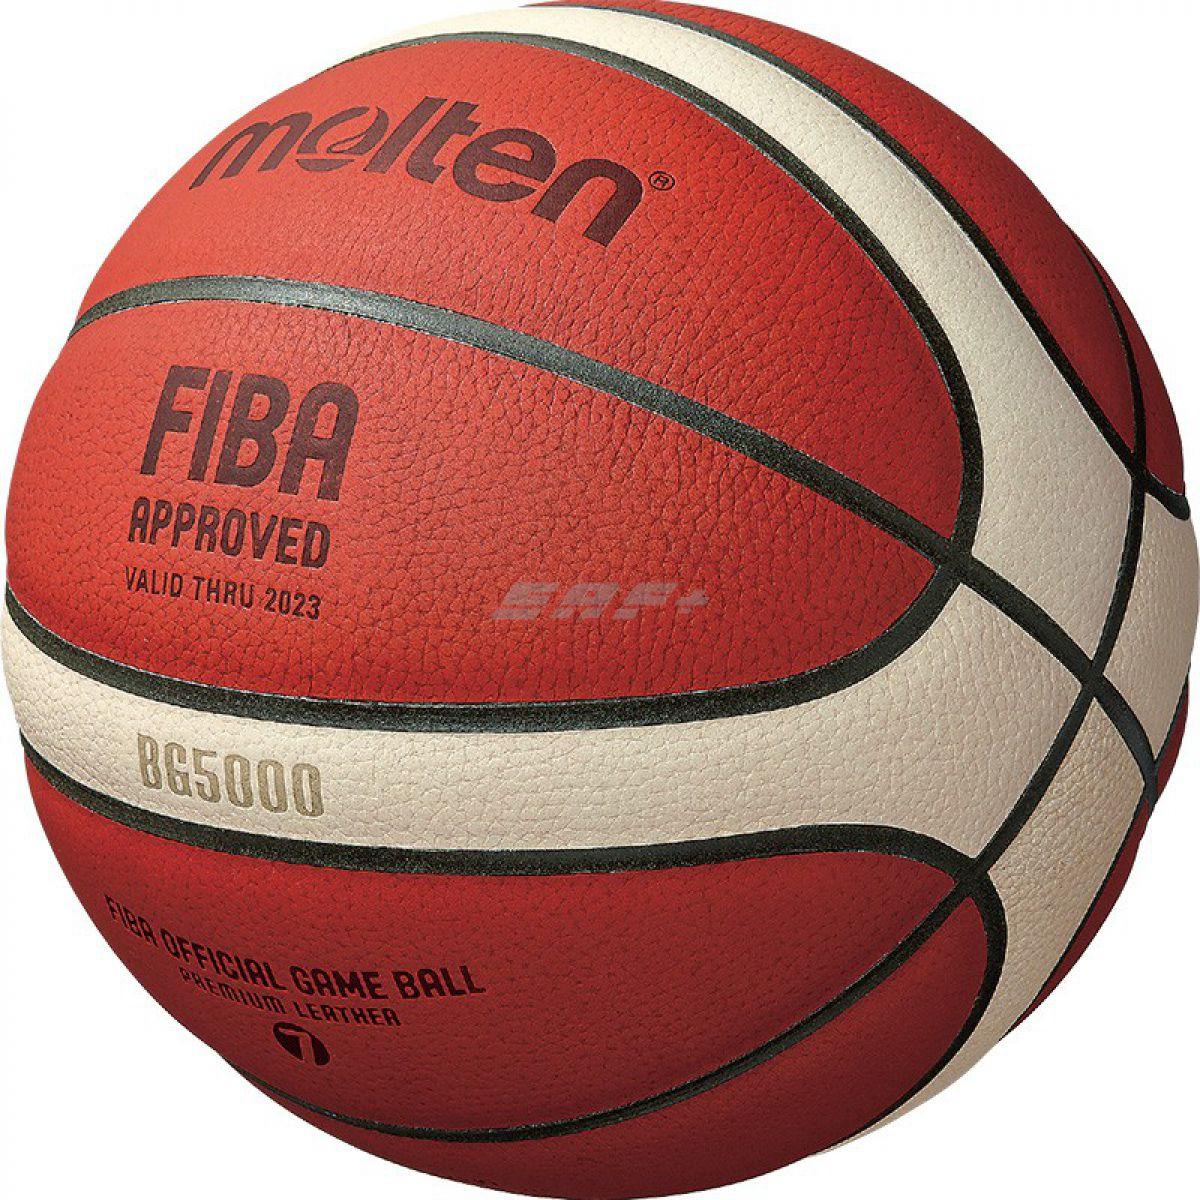 Мяч баскетбольный Molten B6G5000